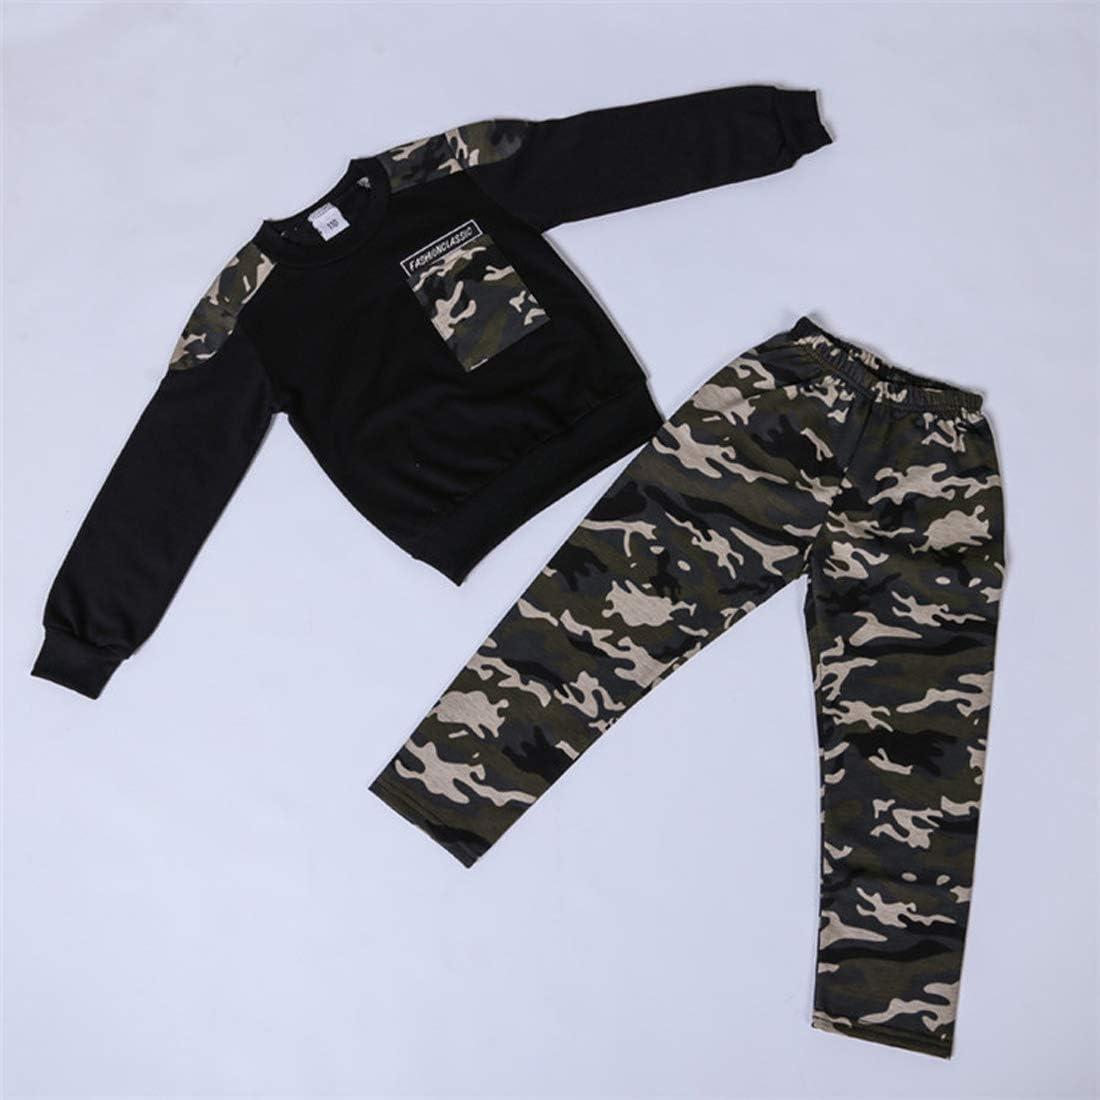 Koupa Kids Unisex Toddler Boys Long Sleeve Camo Pant Set 2 Piece T-Shirt /& Pant Clothes